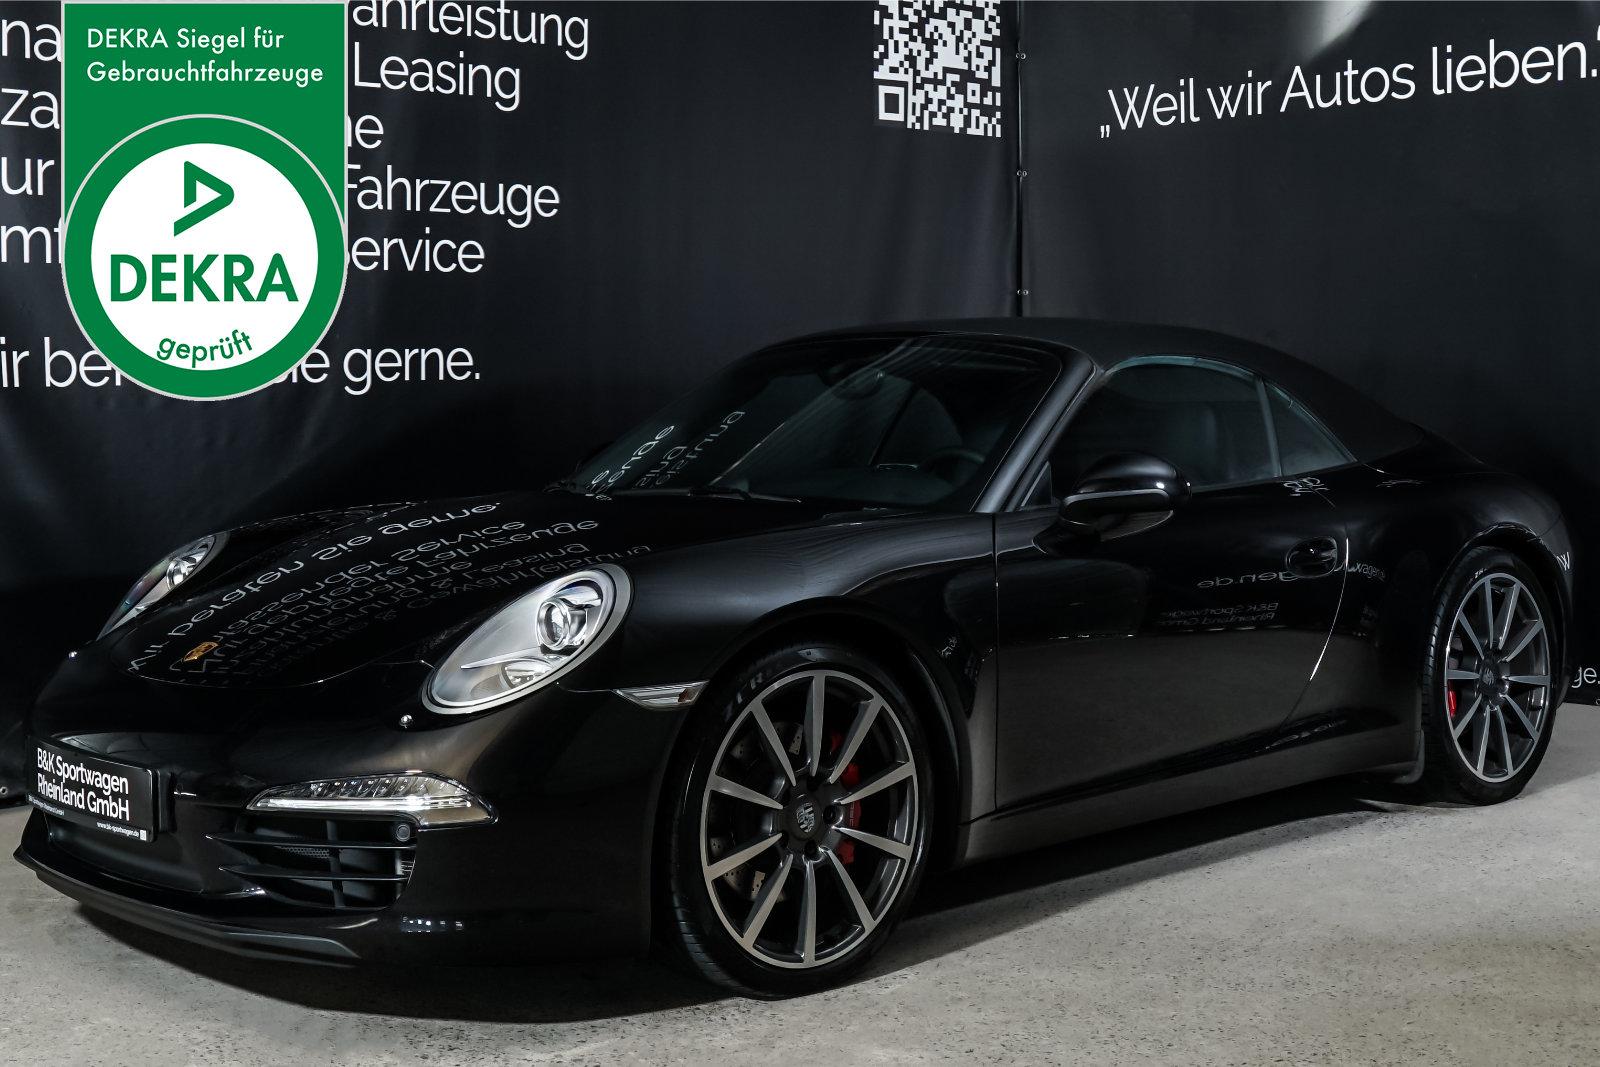 Porsche_991_CarreraS_Cabrio_Schwarz_Schwarz_POR-7555_Plakette_w